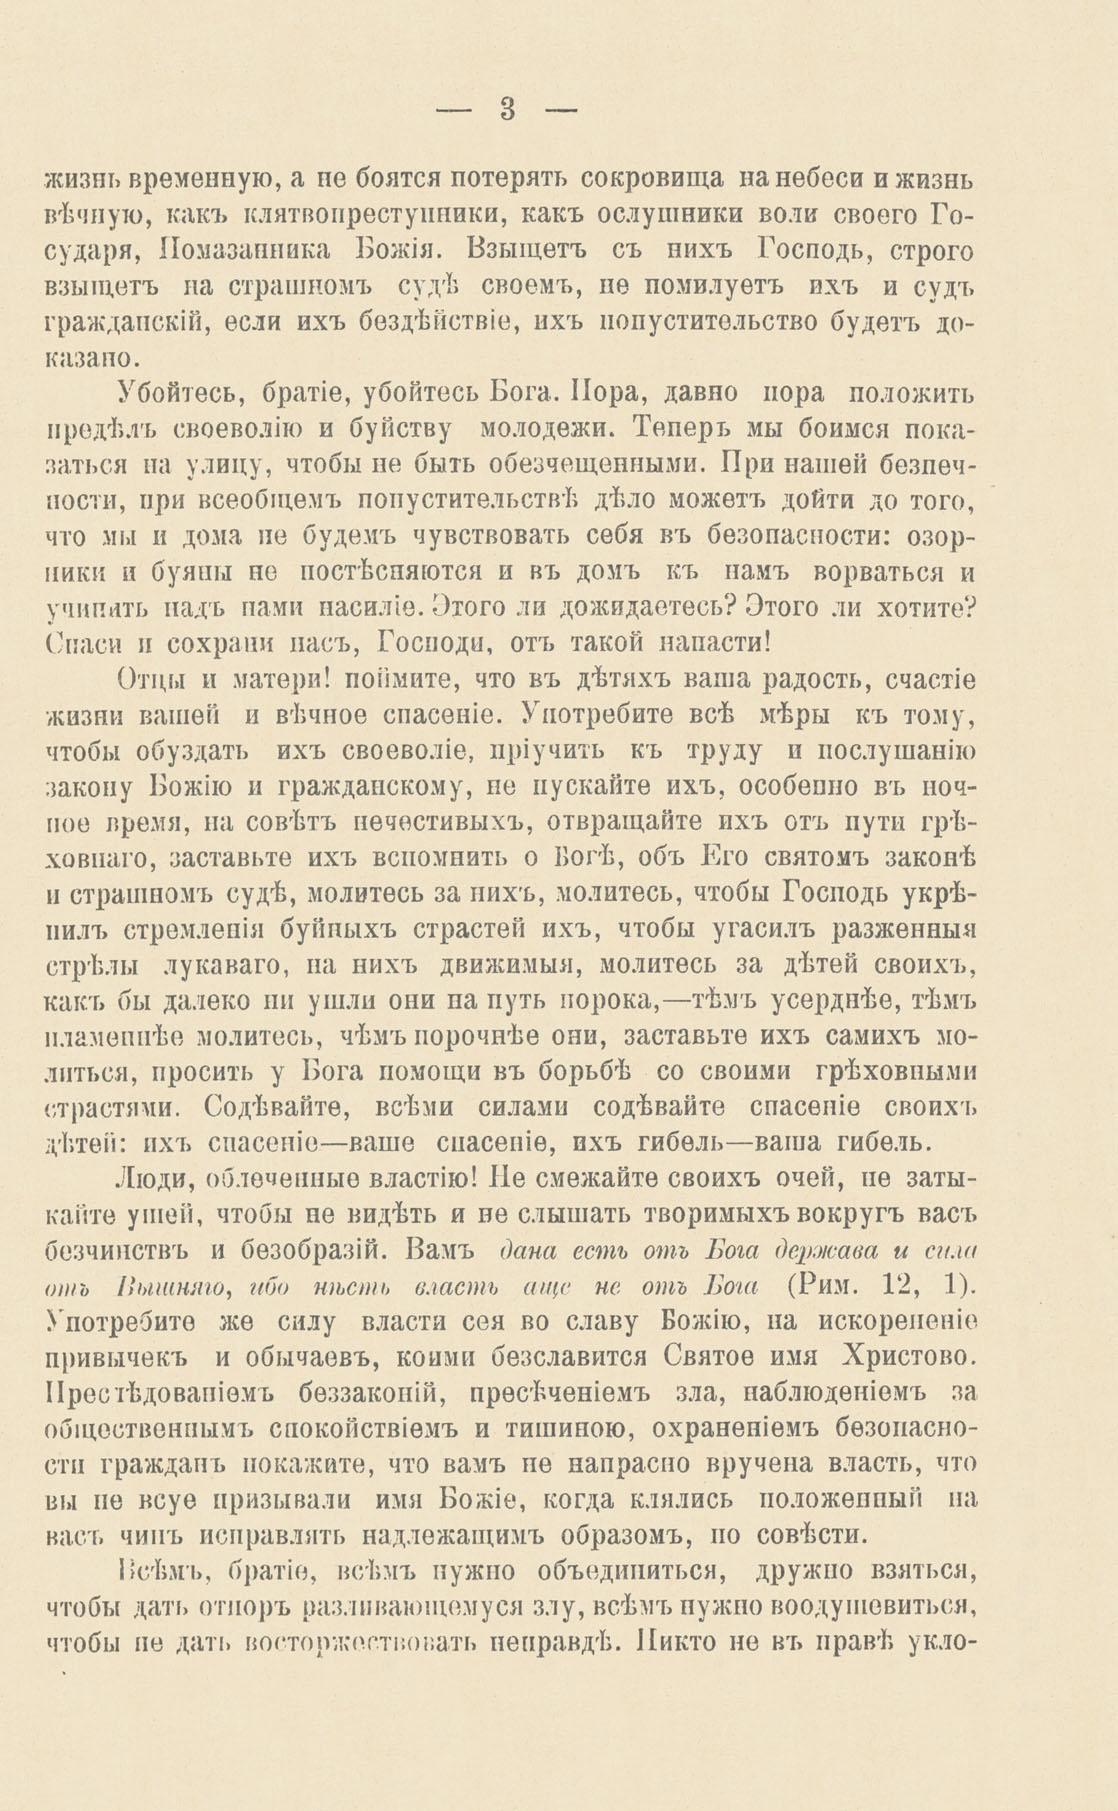 епархиальные ведомости_номер 1мо от вященника тихомирова_659 53